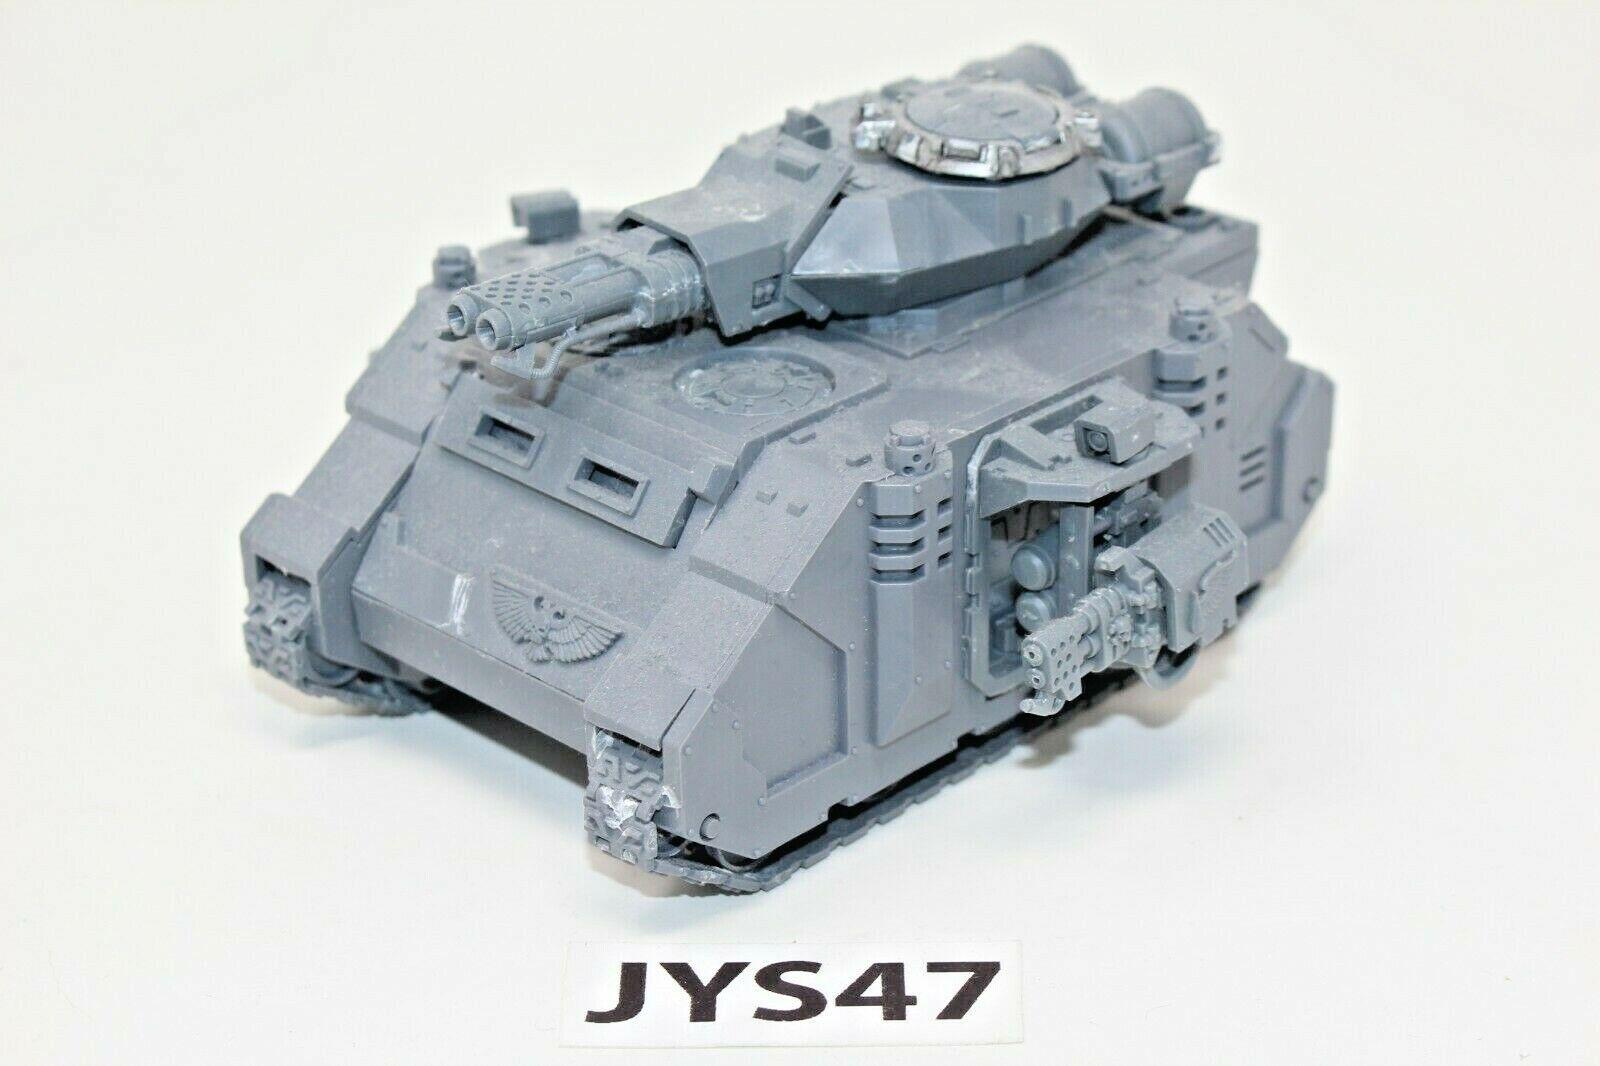 Warhammer Space Marines Blood Angels Baal Predator - JYS47